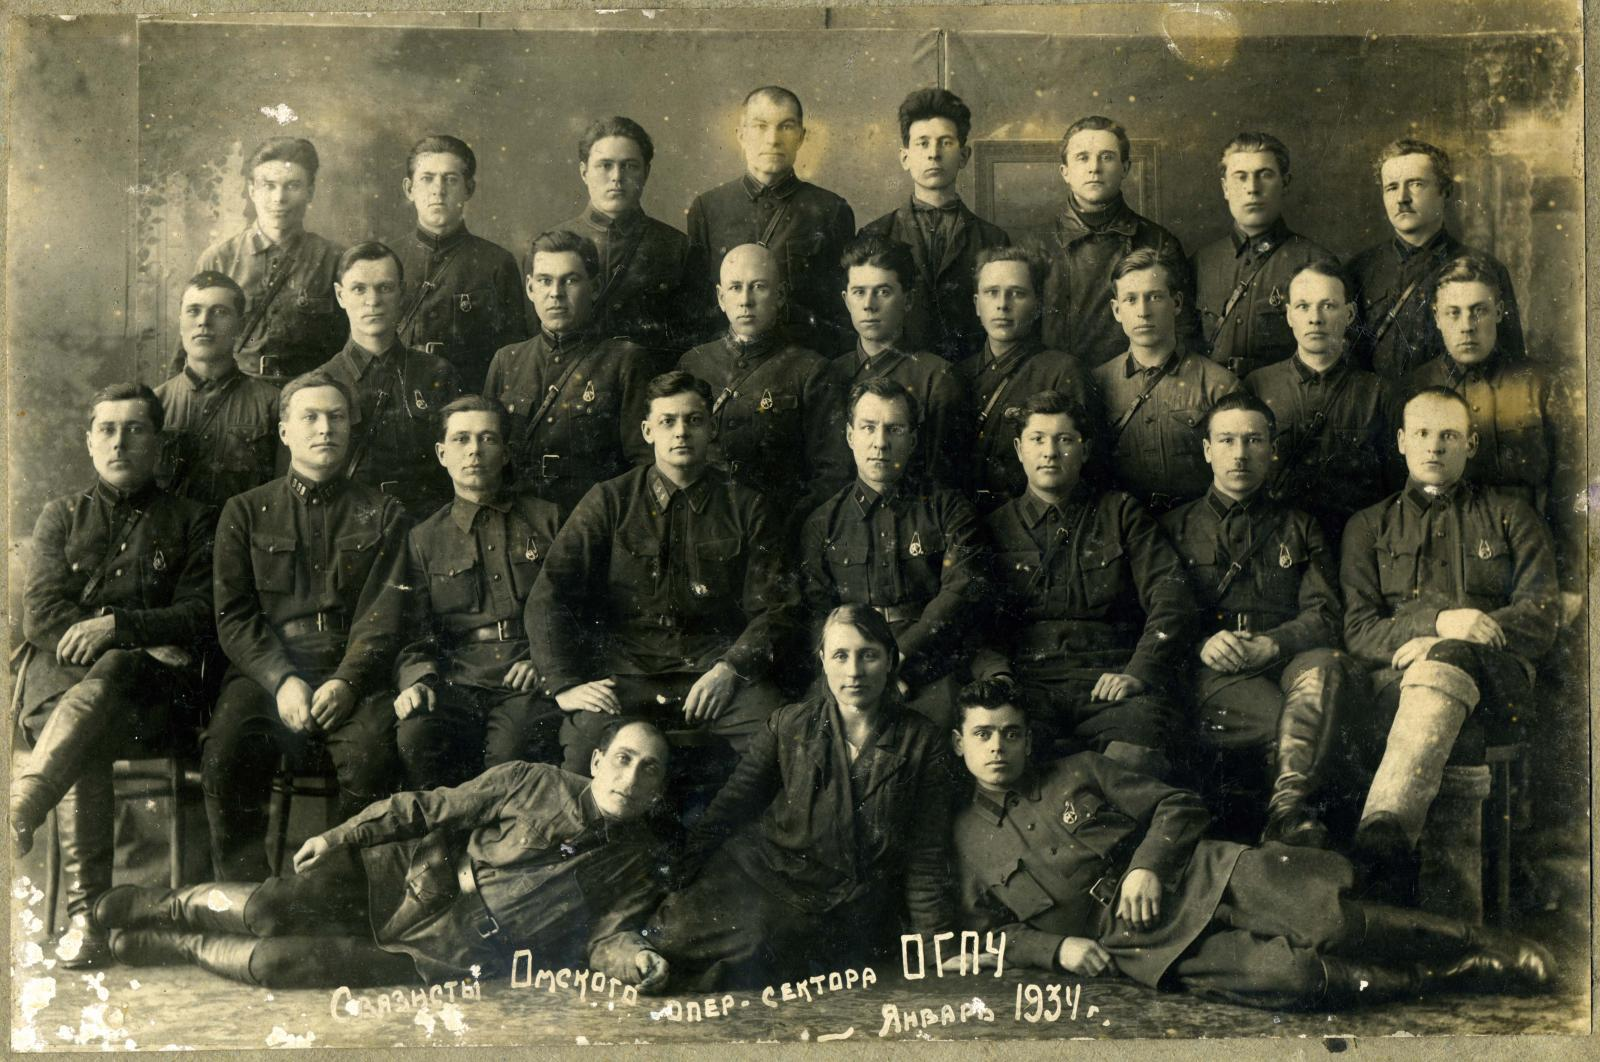 1934. Группа связистов Омского оперативного сектора ОГПУ с руководящими сотрудниками, январь